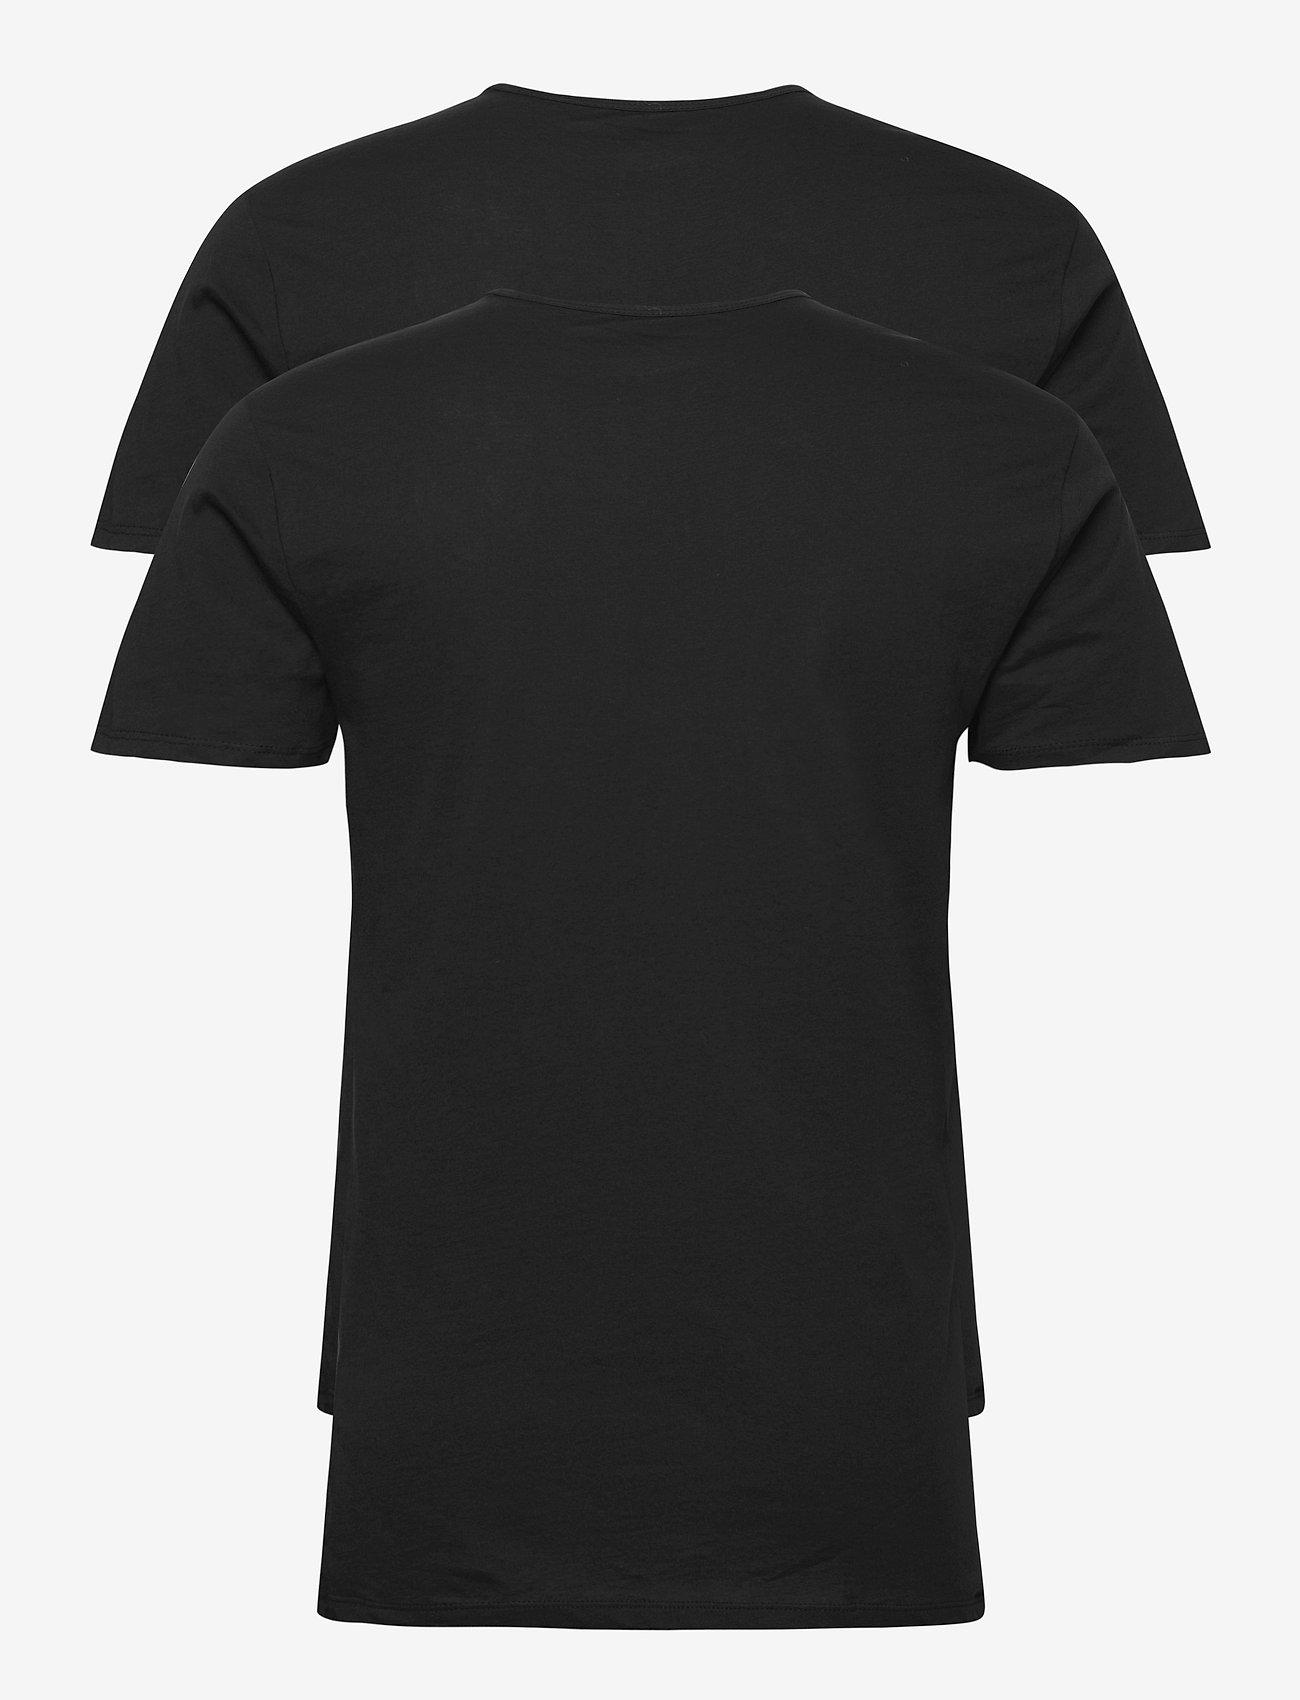 PUMA - PUMA BASIC 2P V-NECK - t-shirts - black - 1